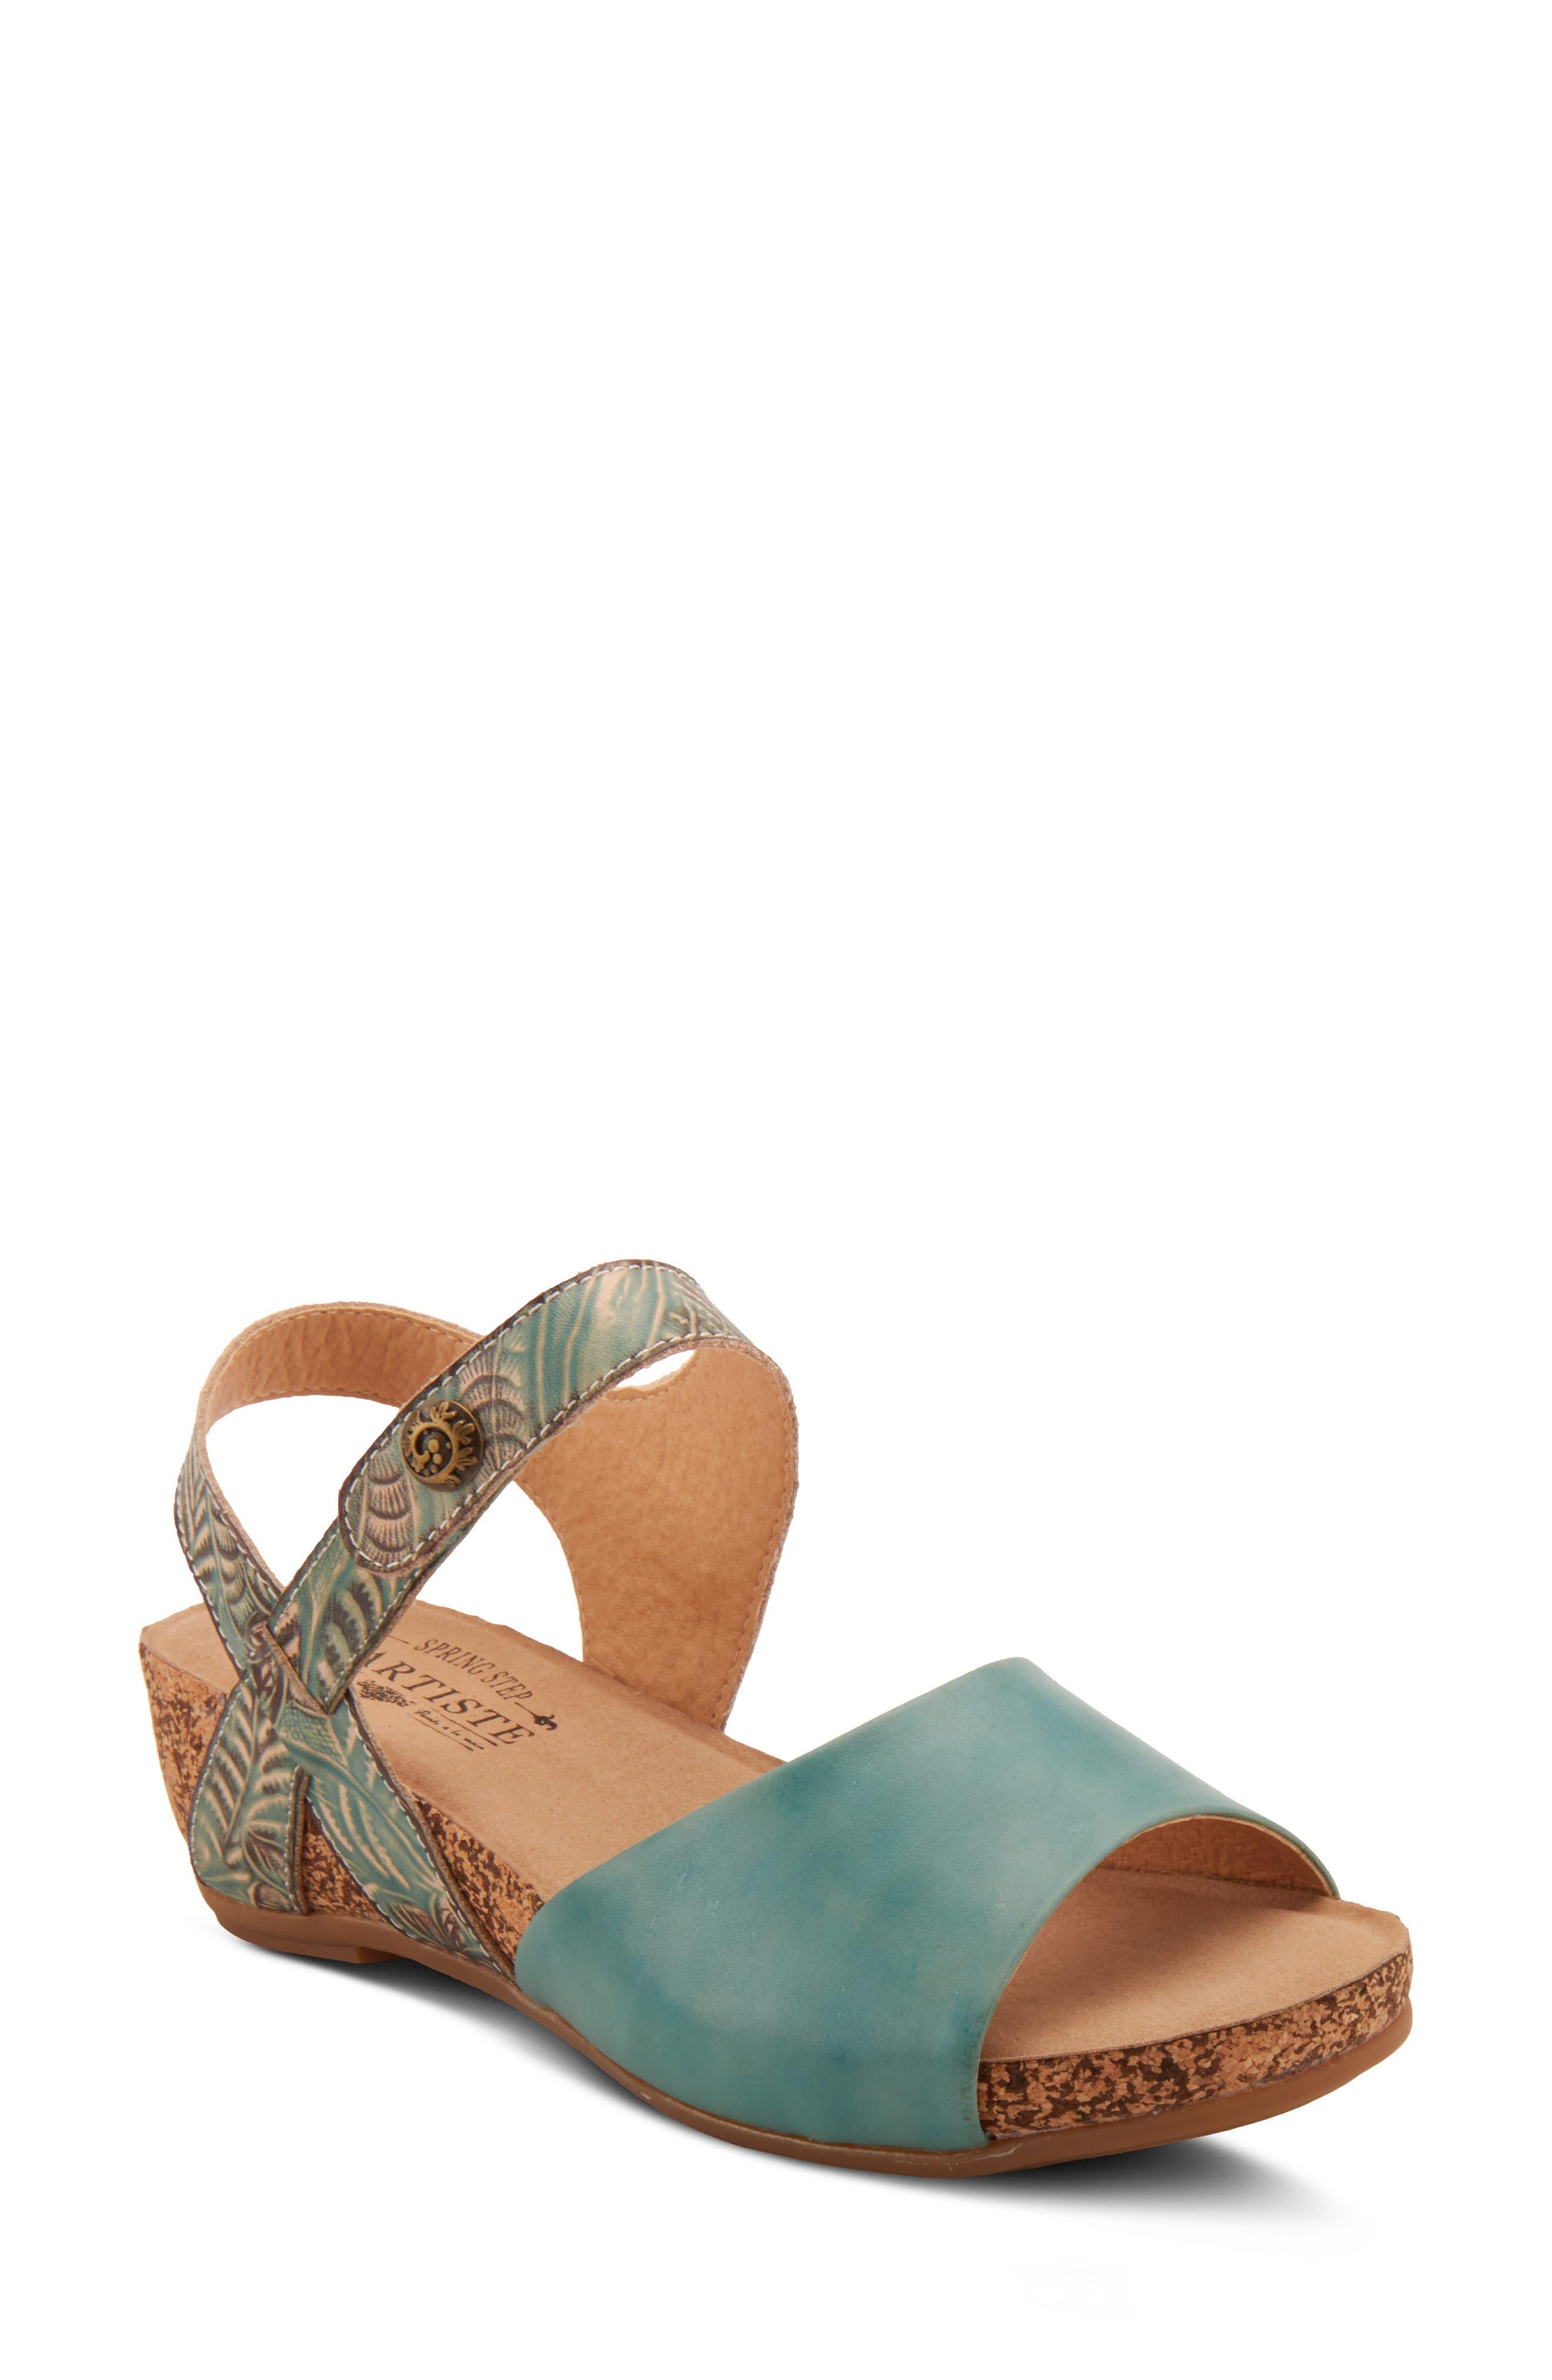 Ceylan Wedge Sandal